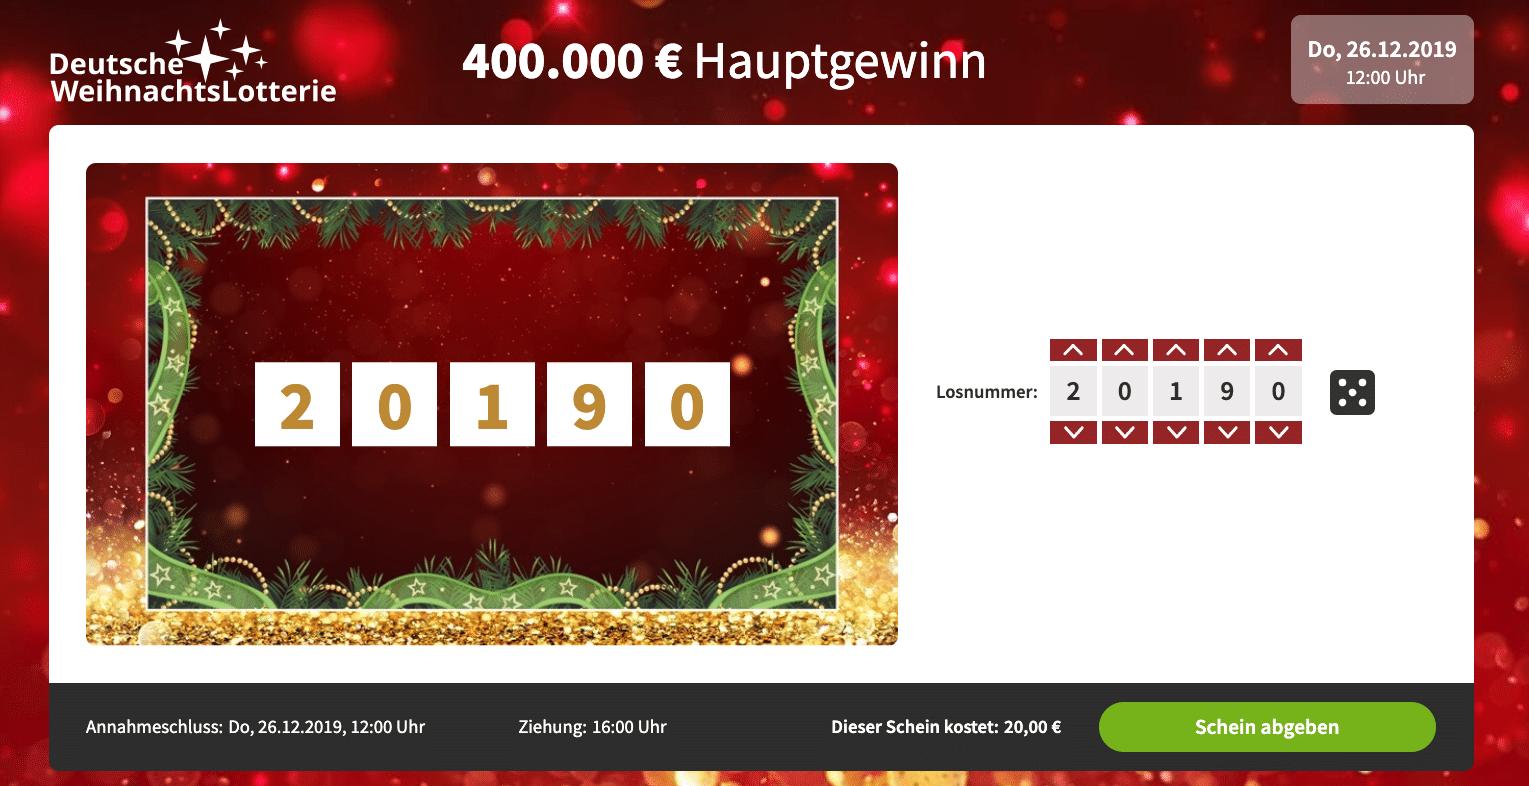 Deutsche Weihnachtslotterie